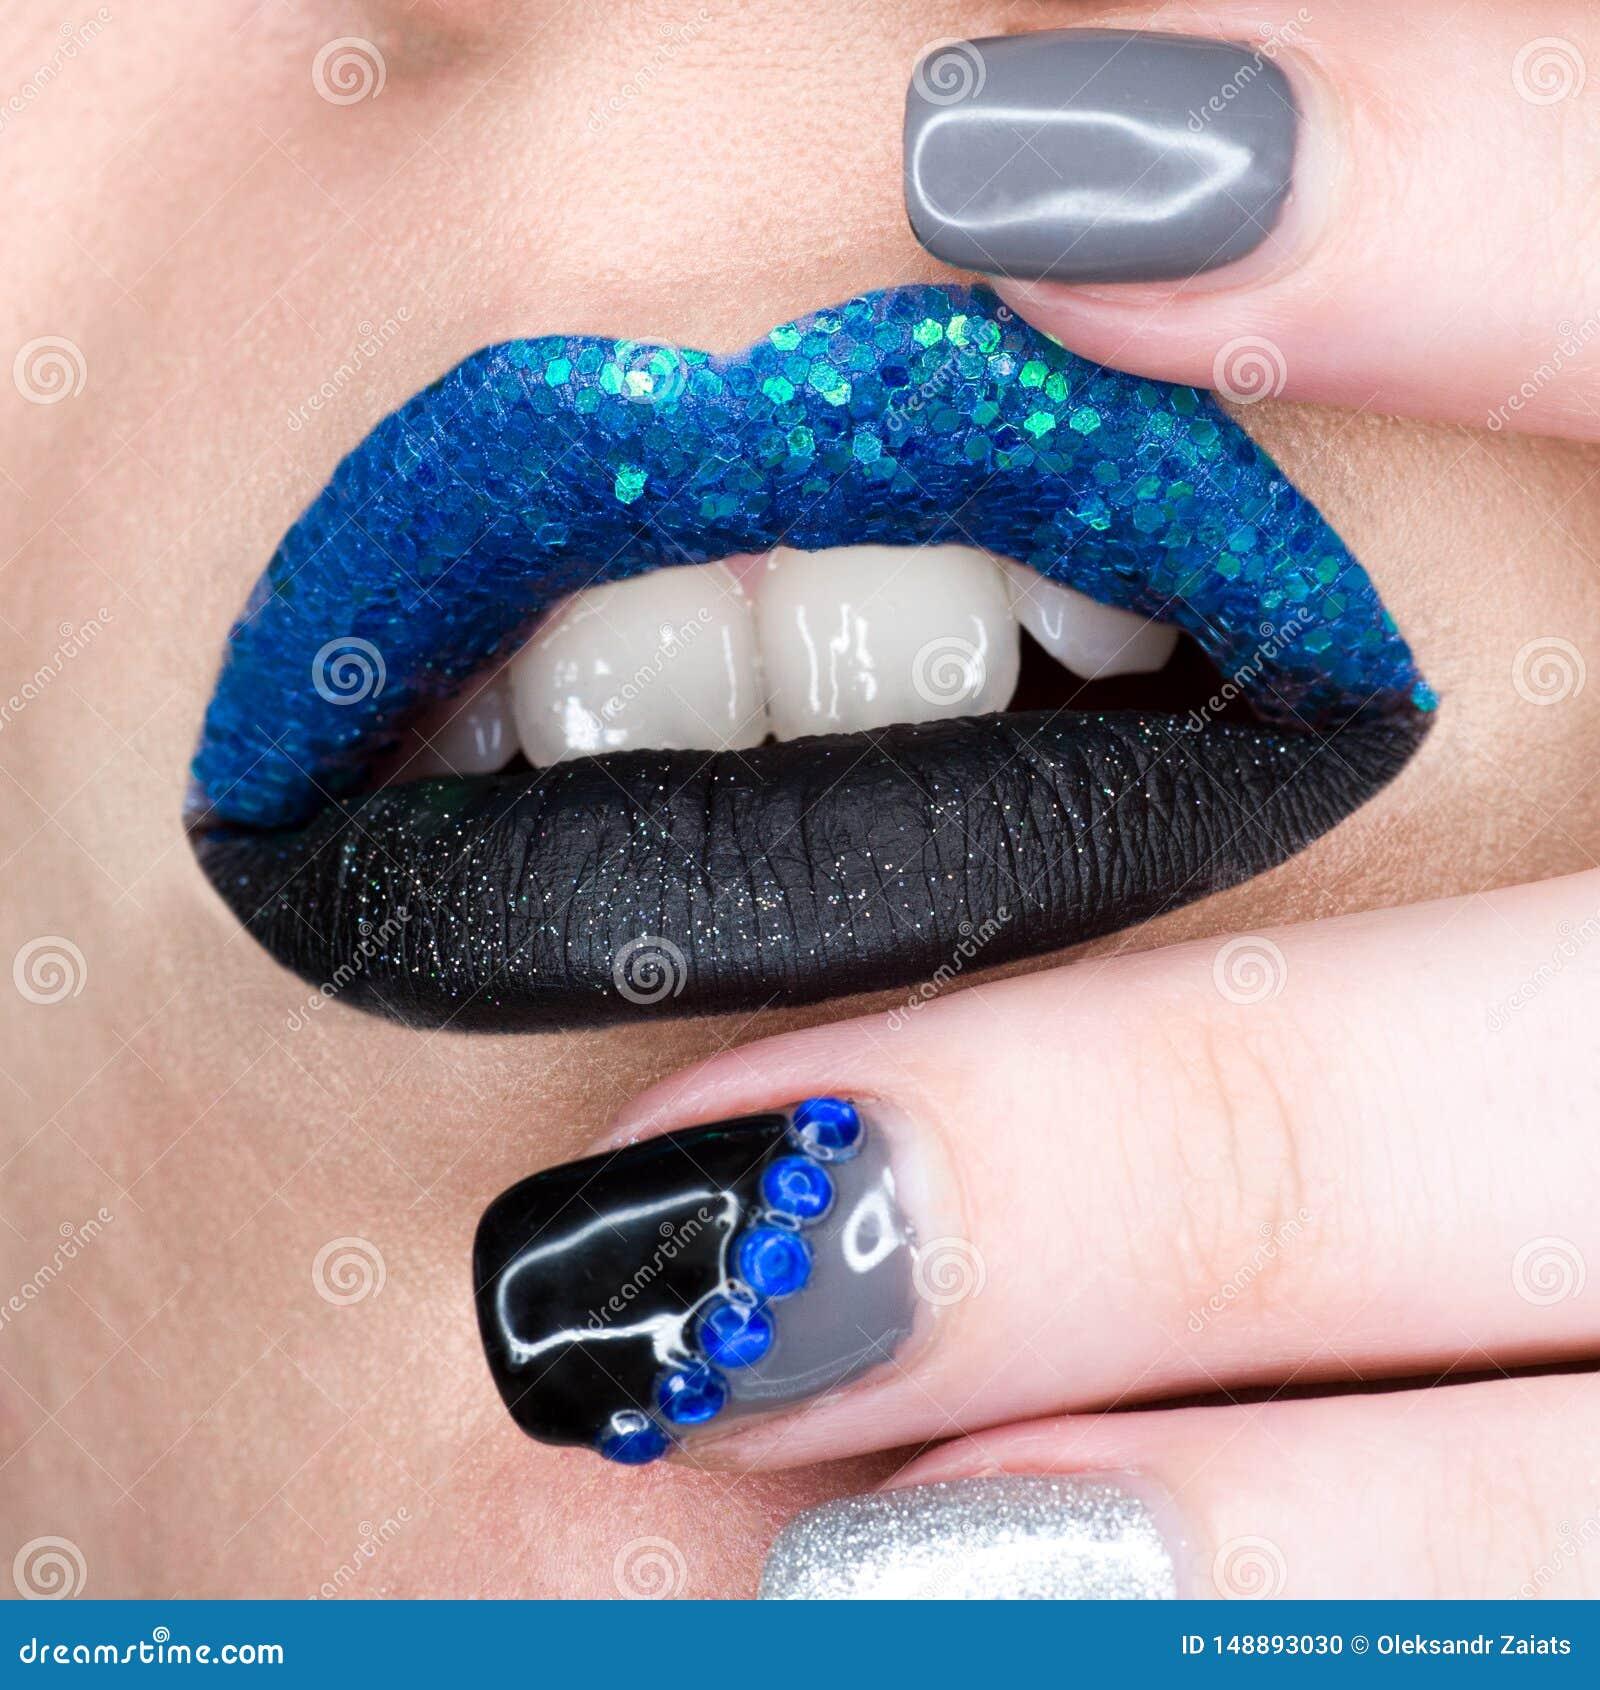 Κλείστε επάνω την άποψη των χειλιών γυναικών με το sparkly μπλε μαύρο ανοικτό στόμα κραγιόν Cosmetology όμορφο μανικιούρ μόδας ma